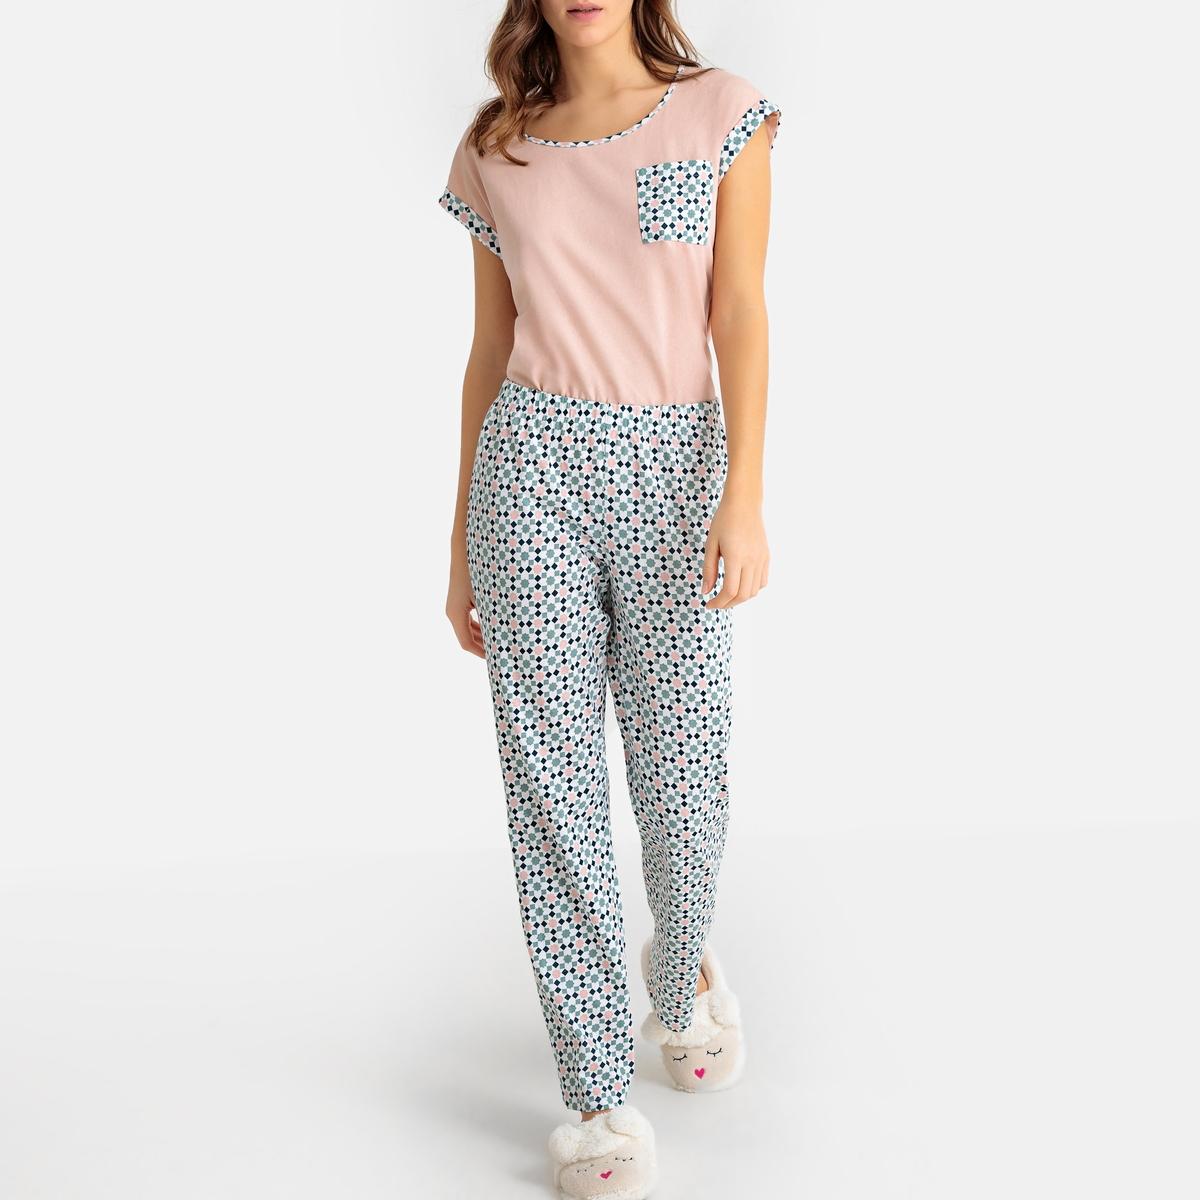 Pijama em puro algodão